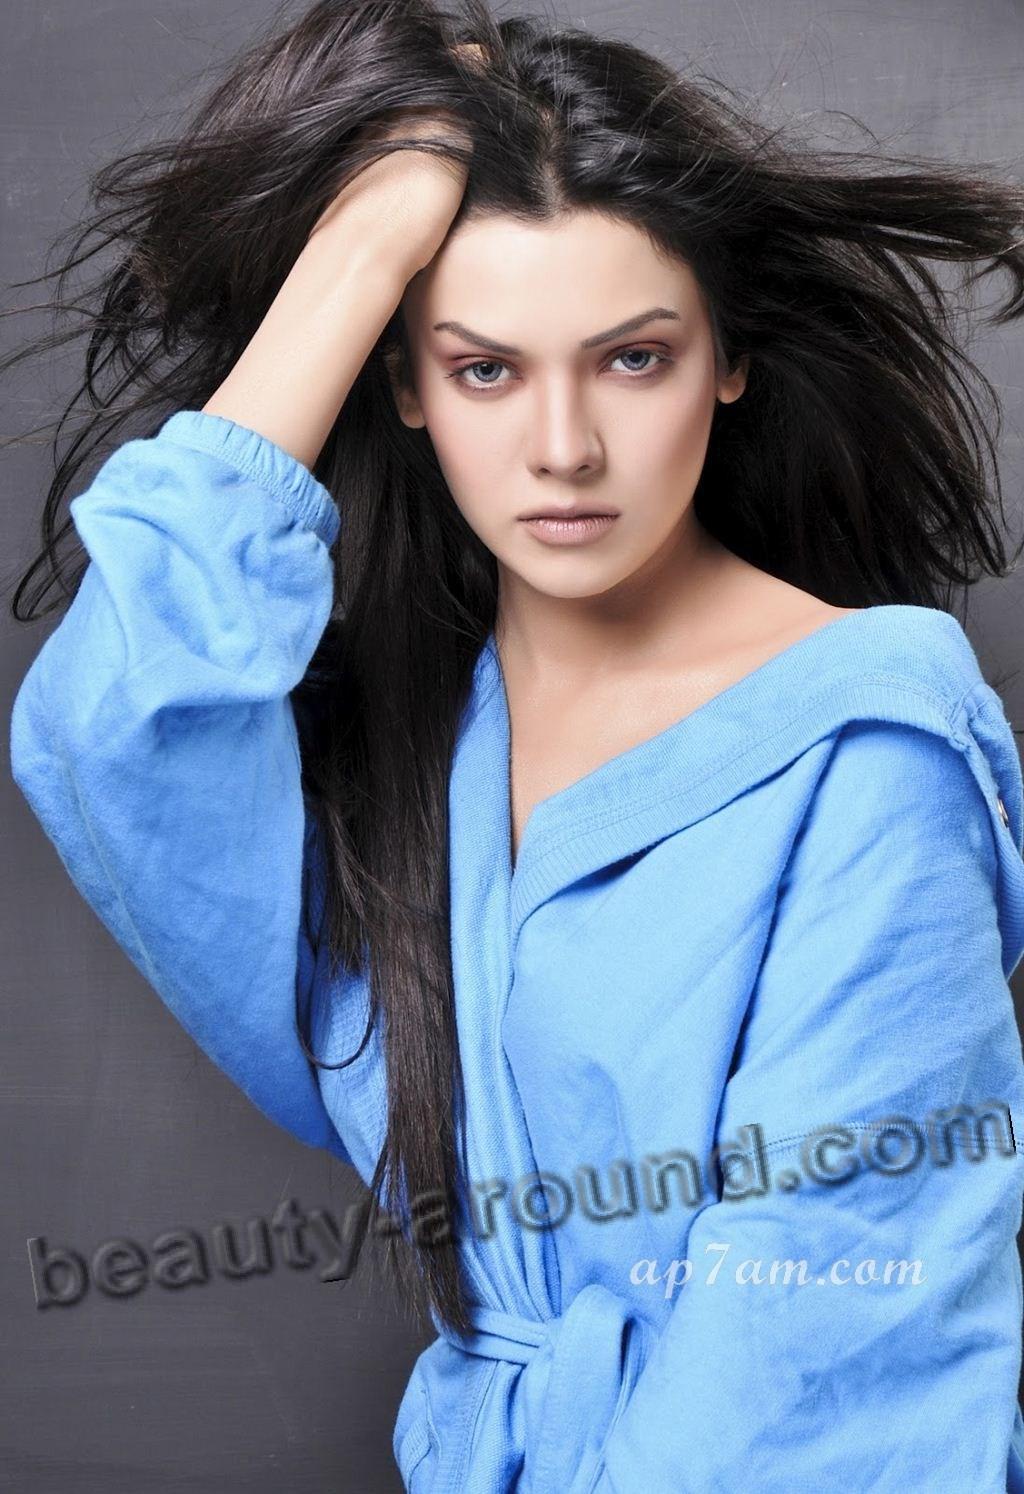 Top 20 Beautiful Pakistani Women Photo Gallery